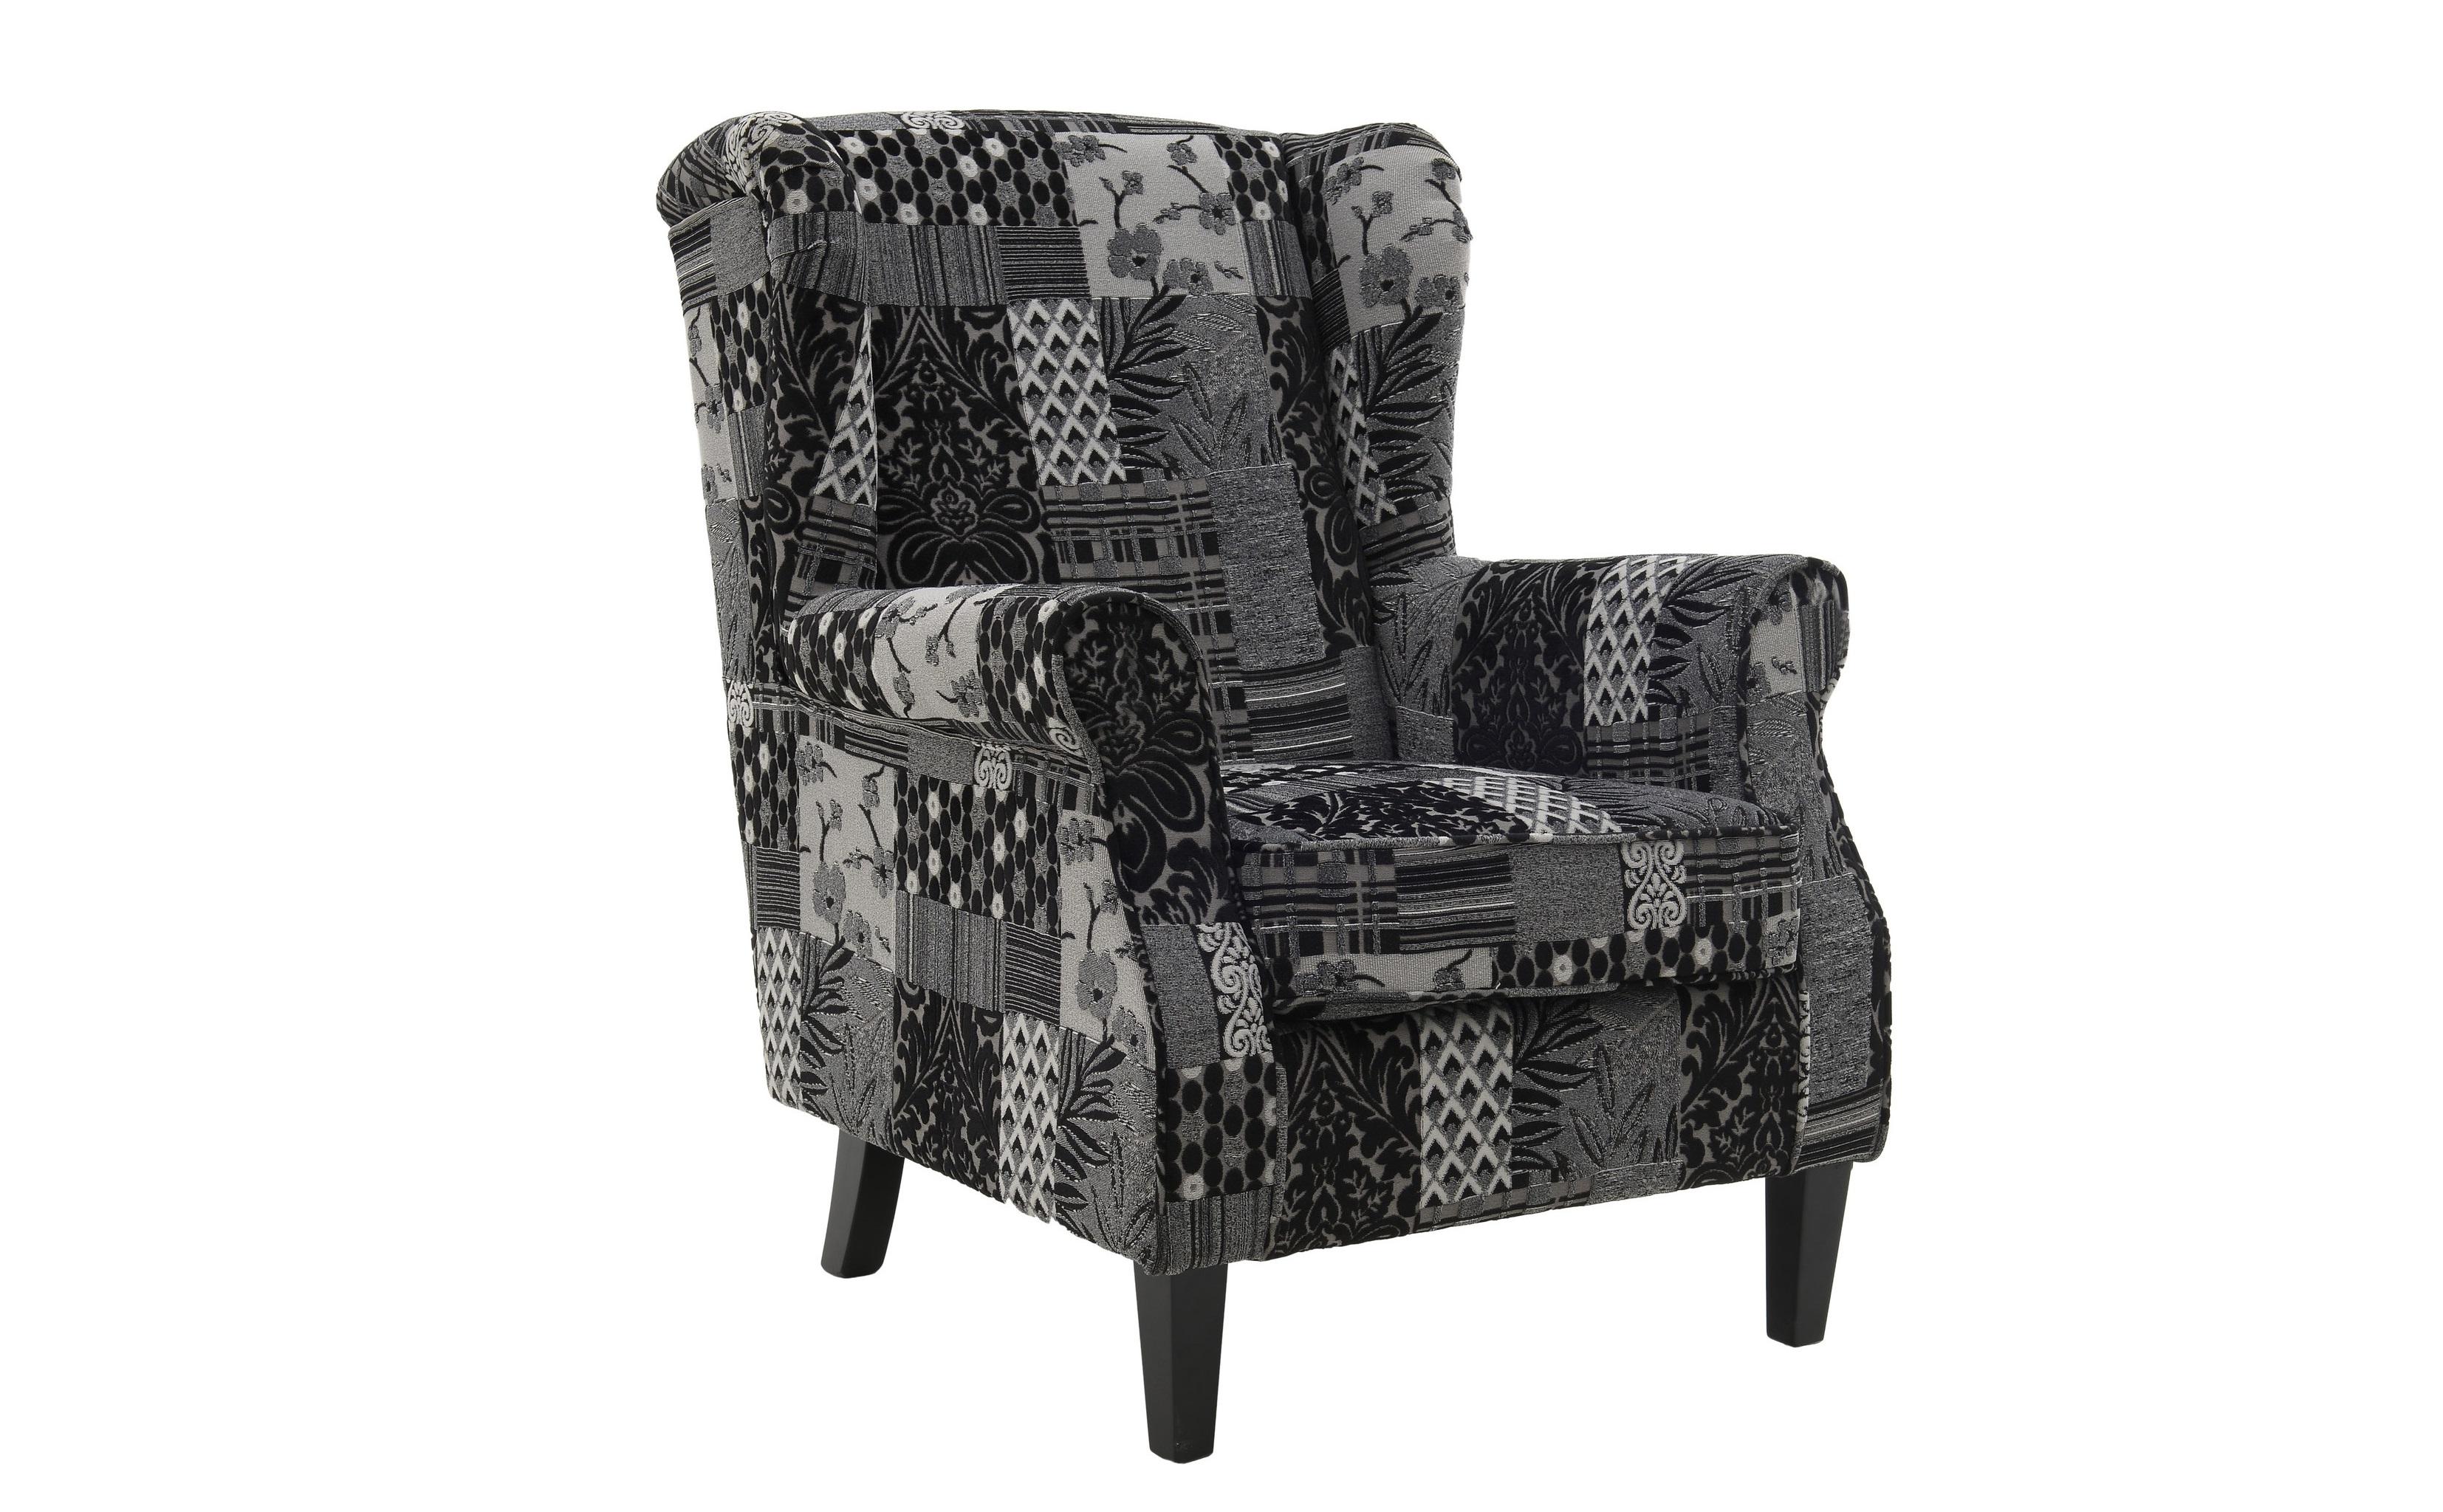 Кресло Mart?nezИнтерьерные кресла<br>Материал: дерево, хлопок, полиэстер<br><br>Material: Хлопок<br>Length см: None<br>Width см: 76<br>Depth см: 83<br>Height см: 95